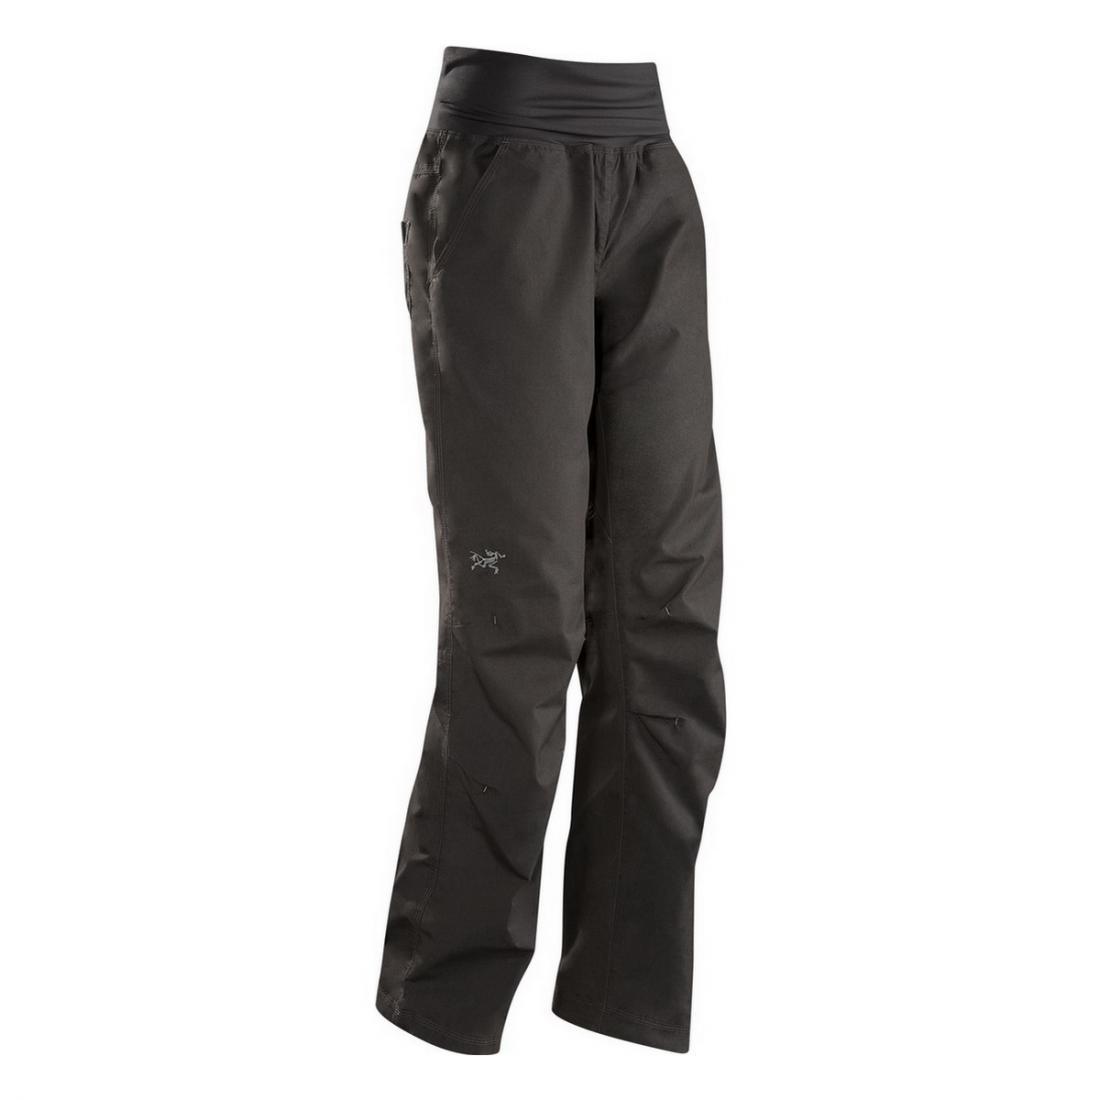 Брюки Emoji Pant жен.Брюки, штаны<br><br><br><br> Emoji Pant– широкие удобные брюки с высоким эластичным поясом. Это женская модель от компании Arcteryx привлекает внимание любительниц ...<br><br>Цвет: Темно-серый<br>Размер: 6